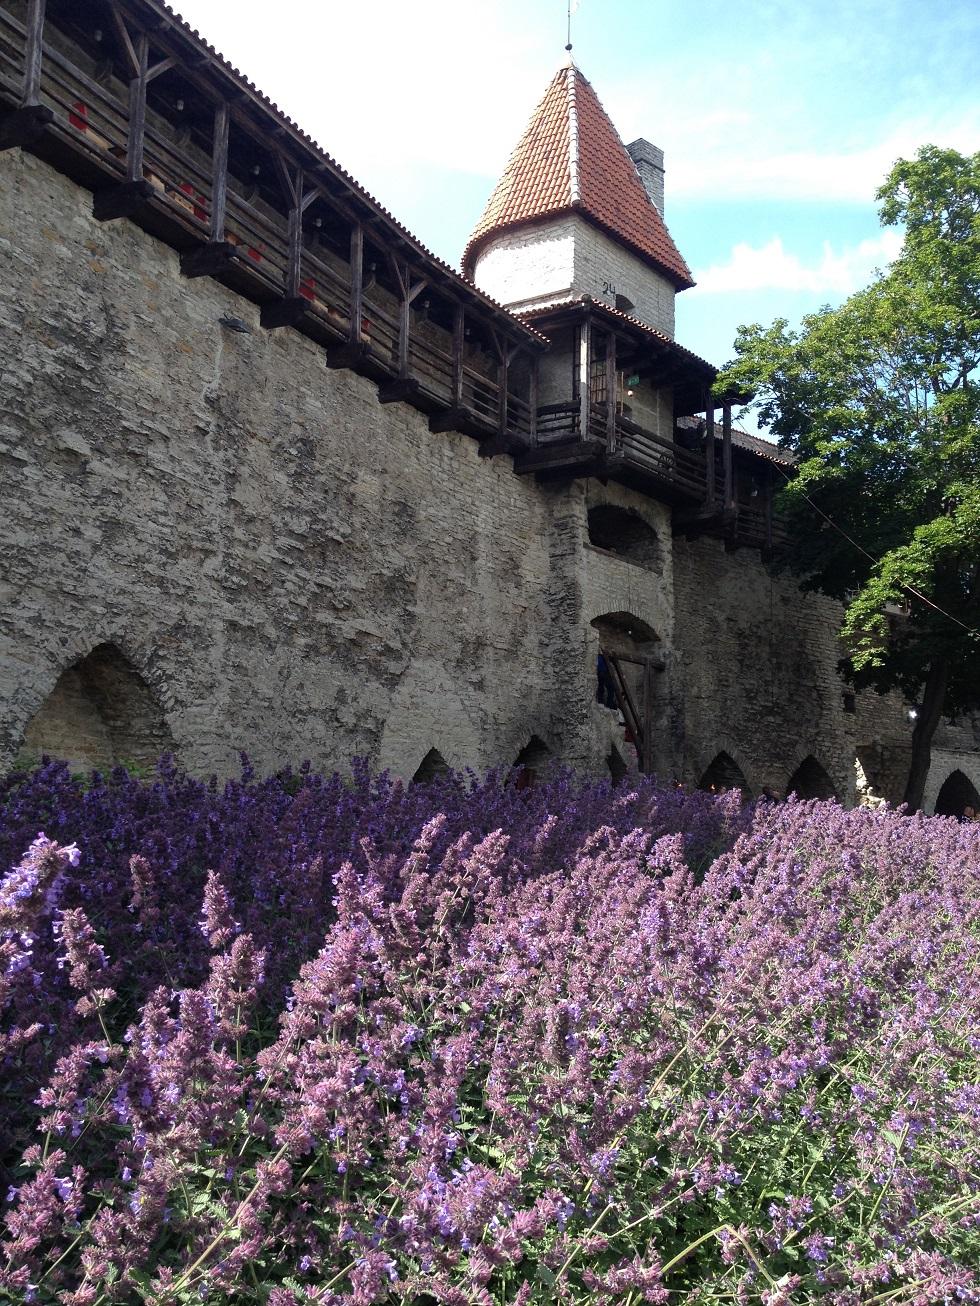 Reise durch die Zeit: vorbei an den historischen Stadtmauern in Tallinn